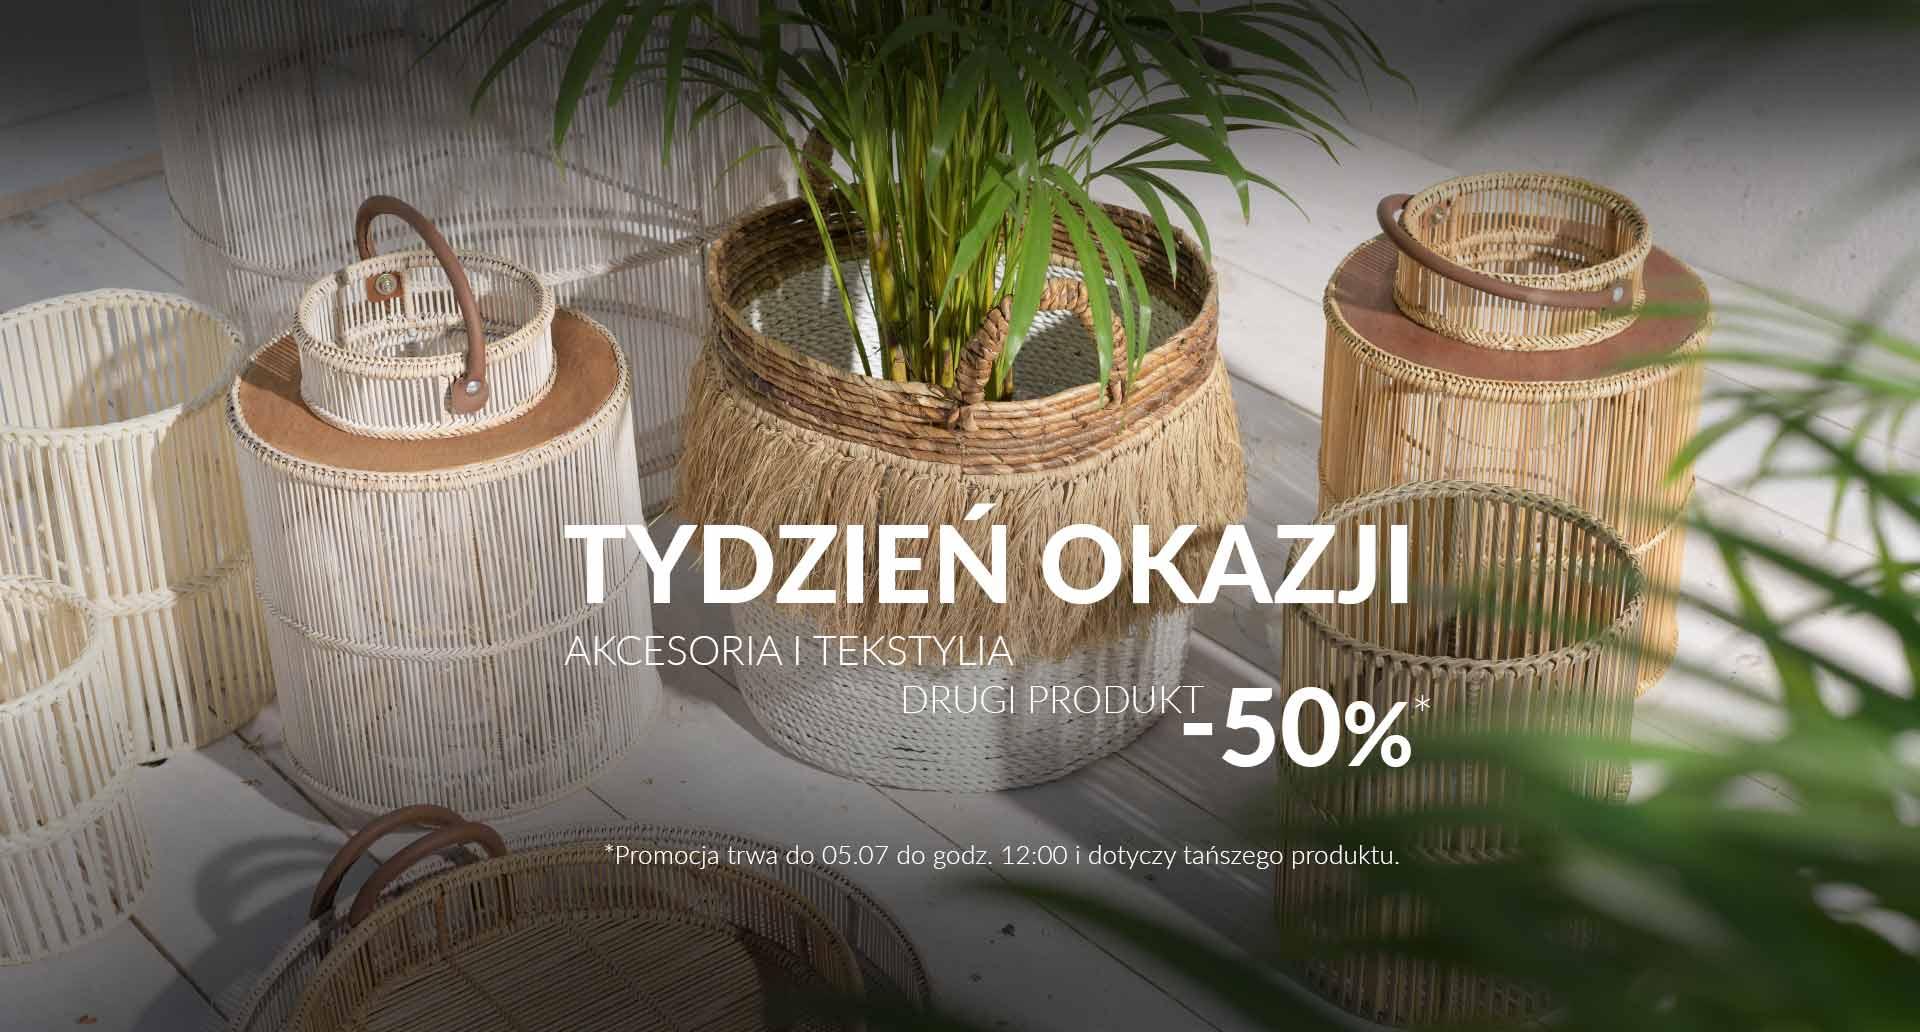 Miloo Home: 50% zniżki na drugi produkt z asortymentu akcesoriów i tekstyliów